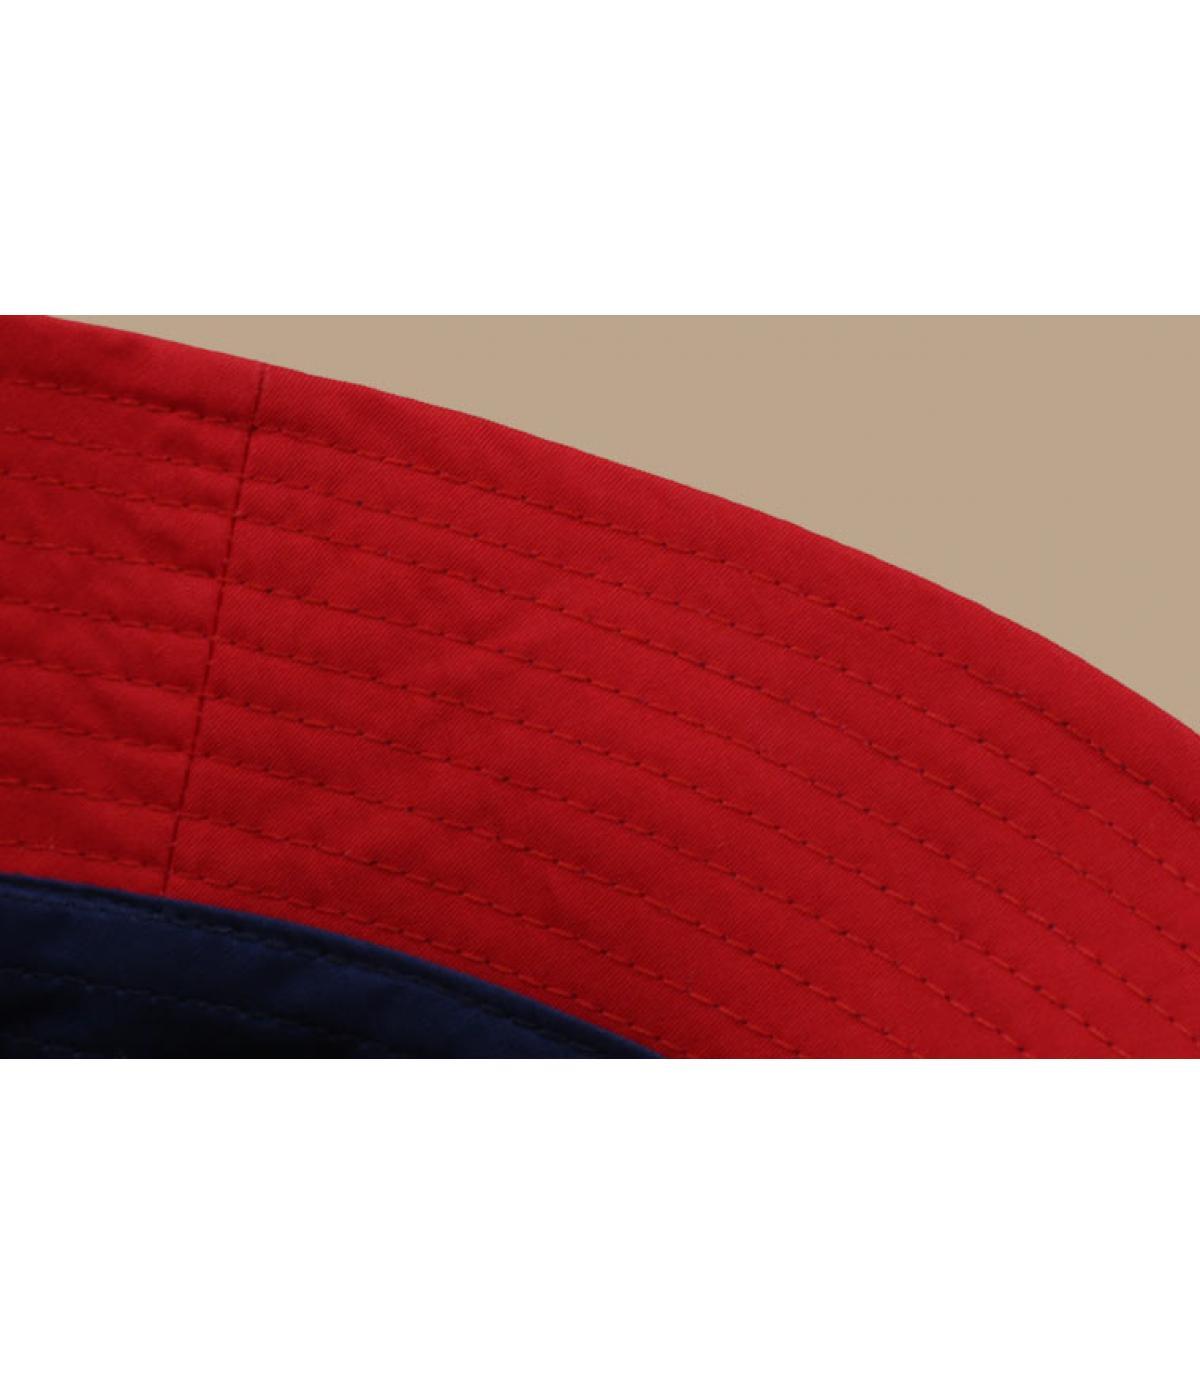 Detalles Cotton Bucket navy imagen 4